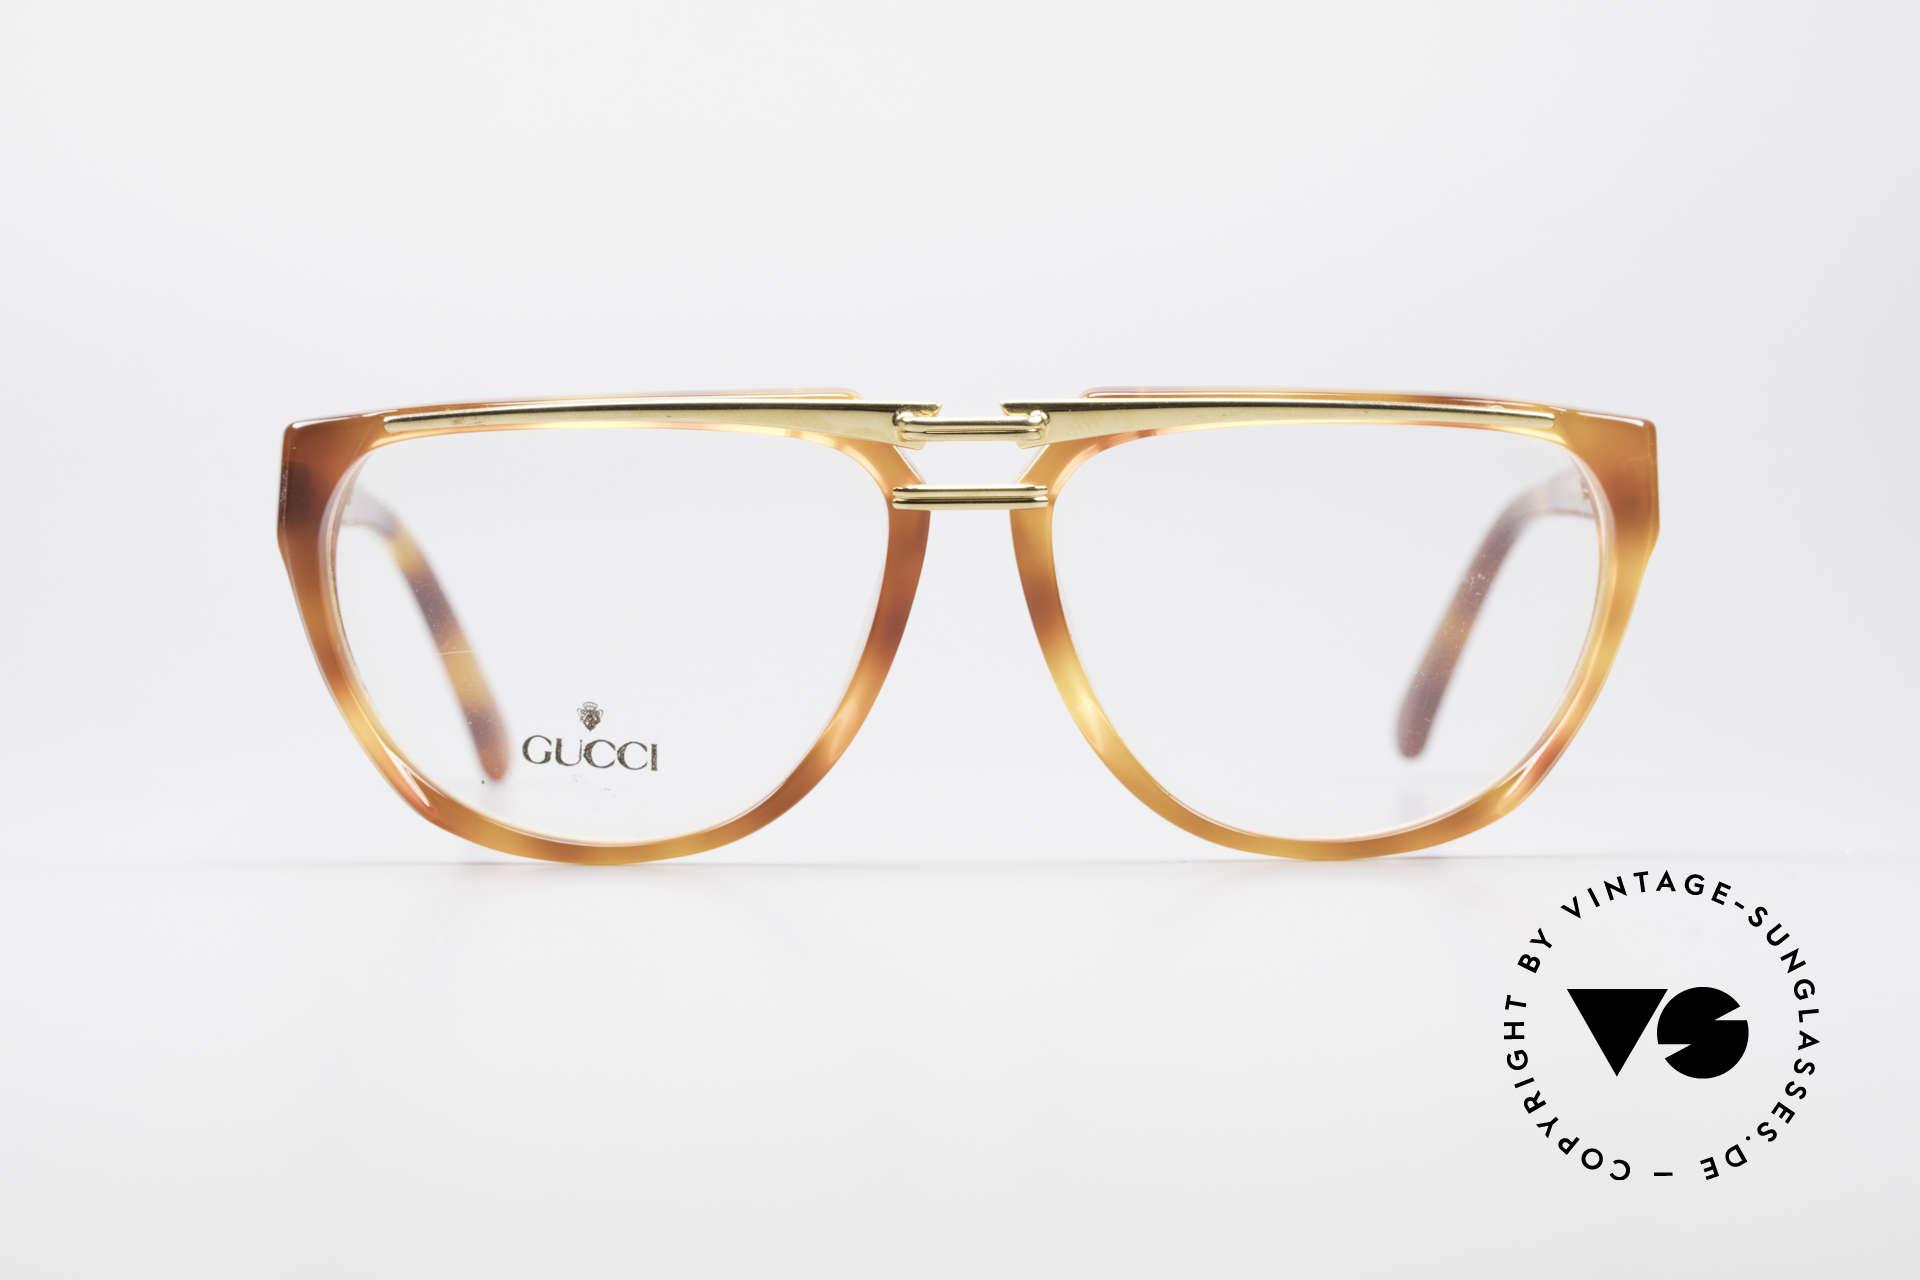 Gucci 2321 Designer Damenbrille 80er, Bügel mit dem berühmten Symbol (die 2 Steigbügel), Passend für Damen